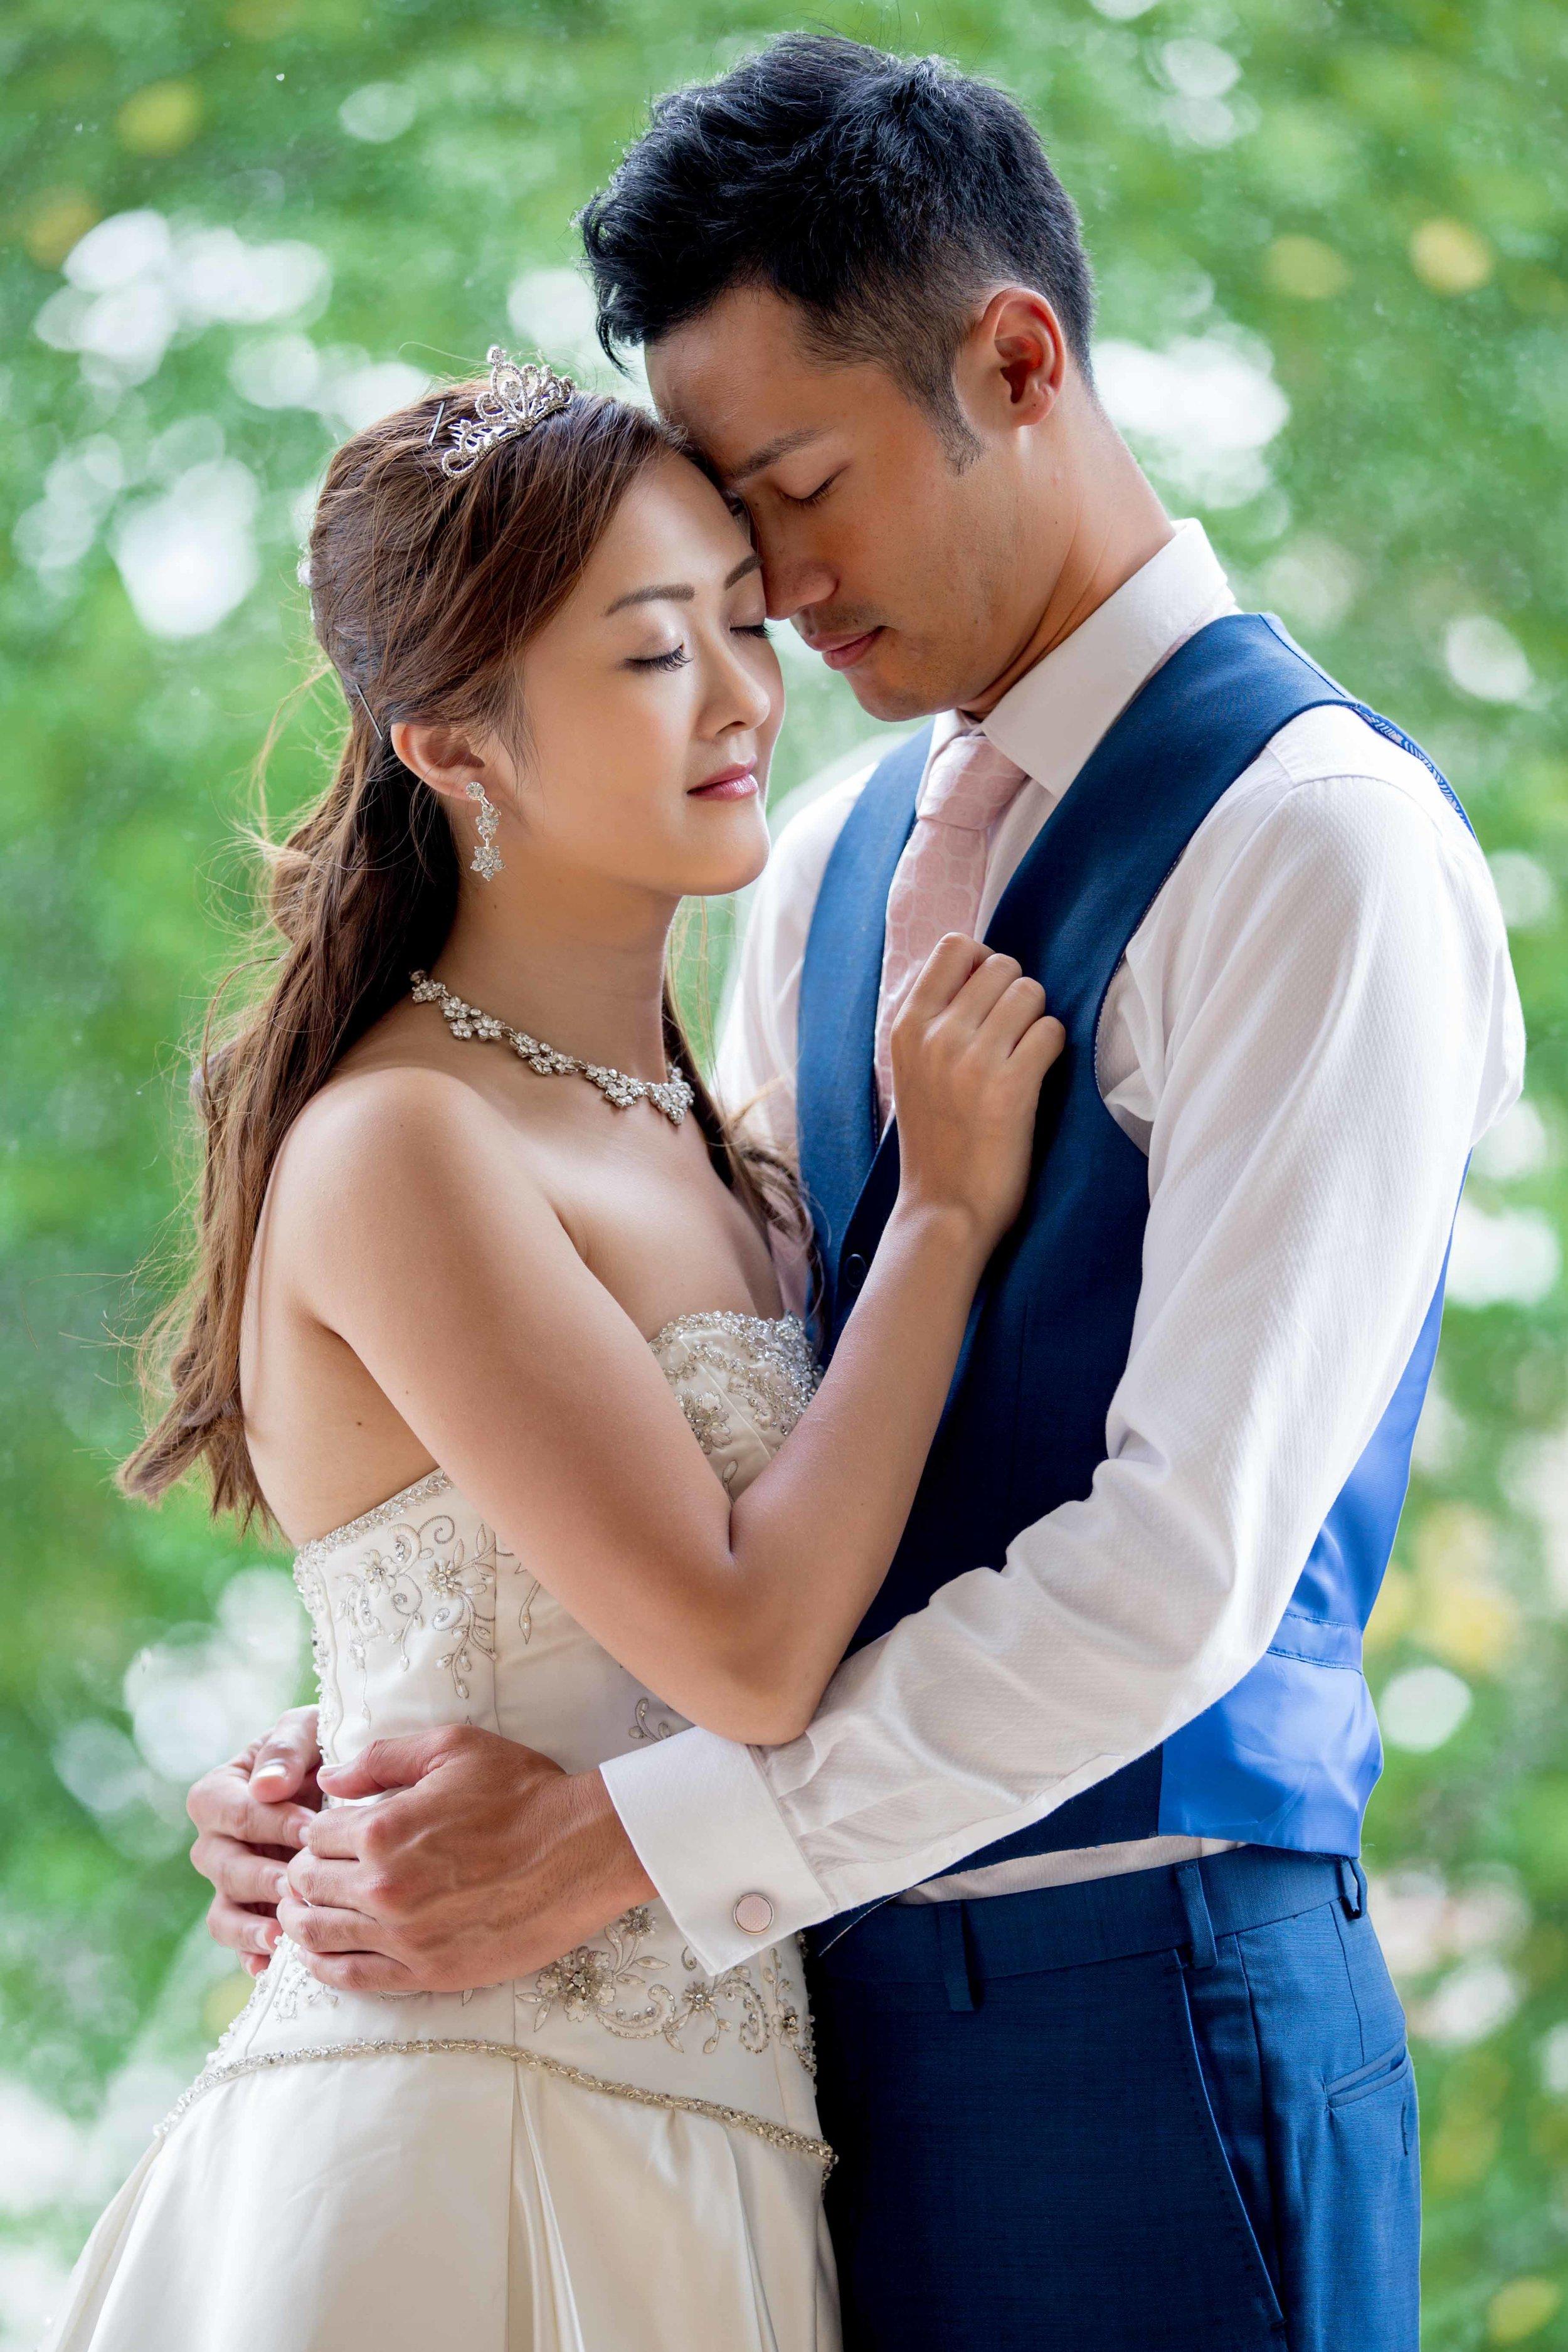 婚紗攝影倫敦英國-婚纱摄影伦敦英国-Chinese- pre-wedding-engagement-shoot-photoshoot-London-edinburgh-destination-wedding-photographer-hong-kong-natalia-smith-photography-3.jpg